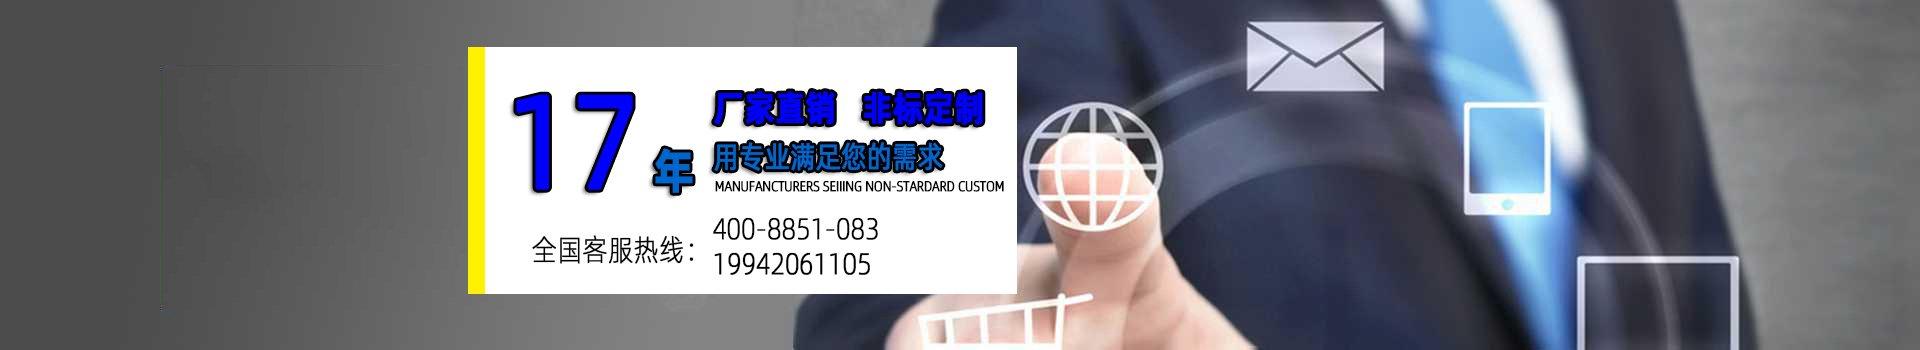 快速连接器生产厂家,为客户提供液压快速接头,不锈钢快速接头,气动快速接头的非标定制!